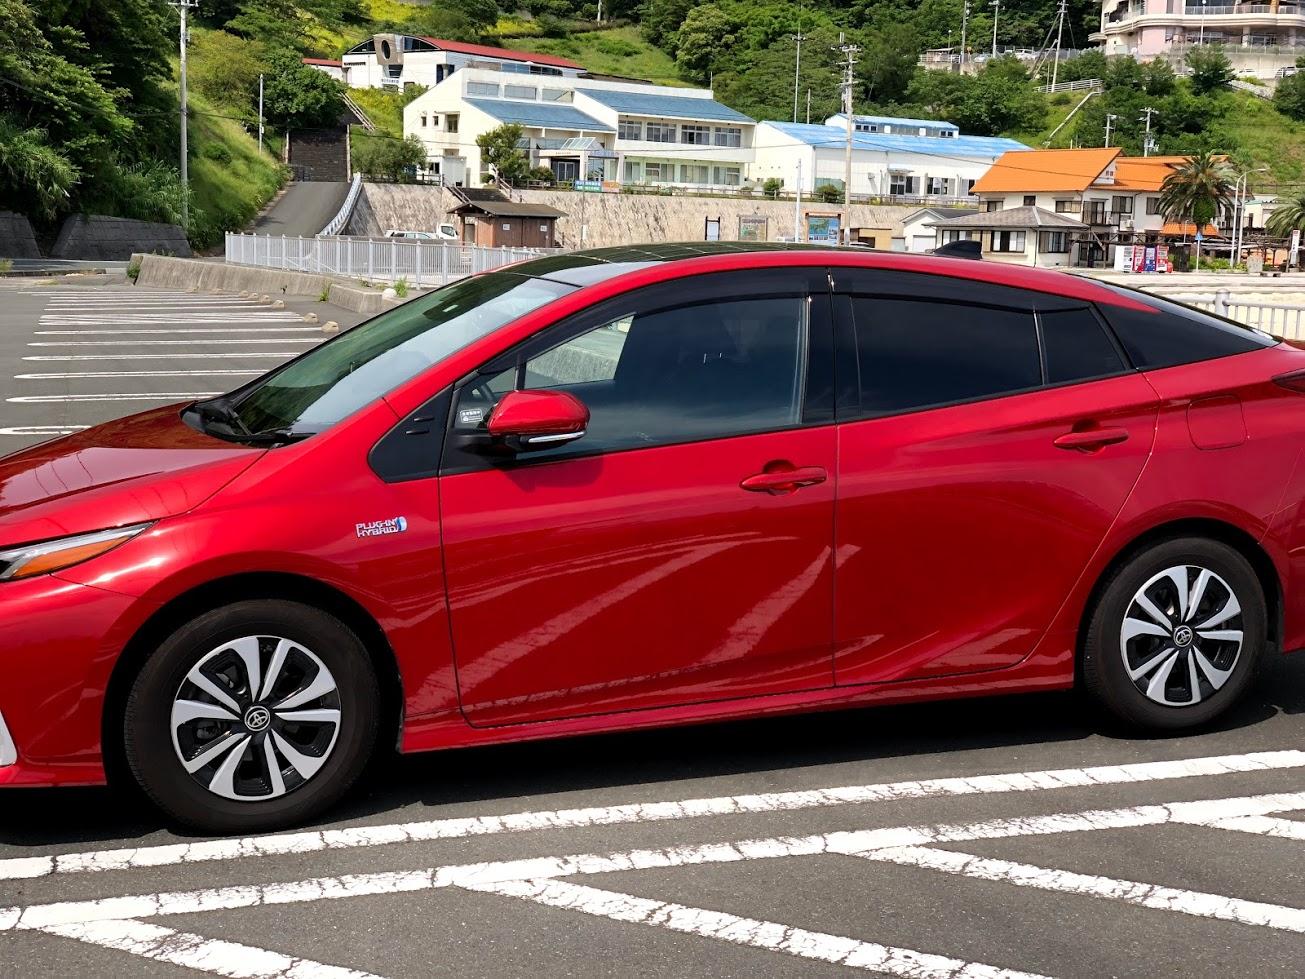 TOYOTA T-コネクト つながる車は自動運転には必須だが今のところあまり魅力は感じない。後1年半で無料期間は終わるけど。